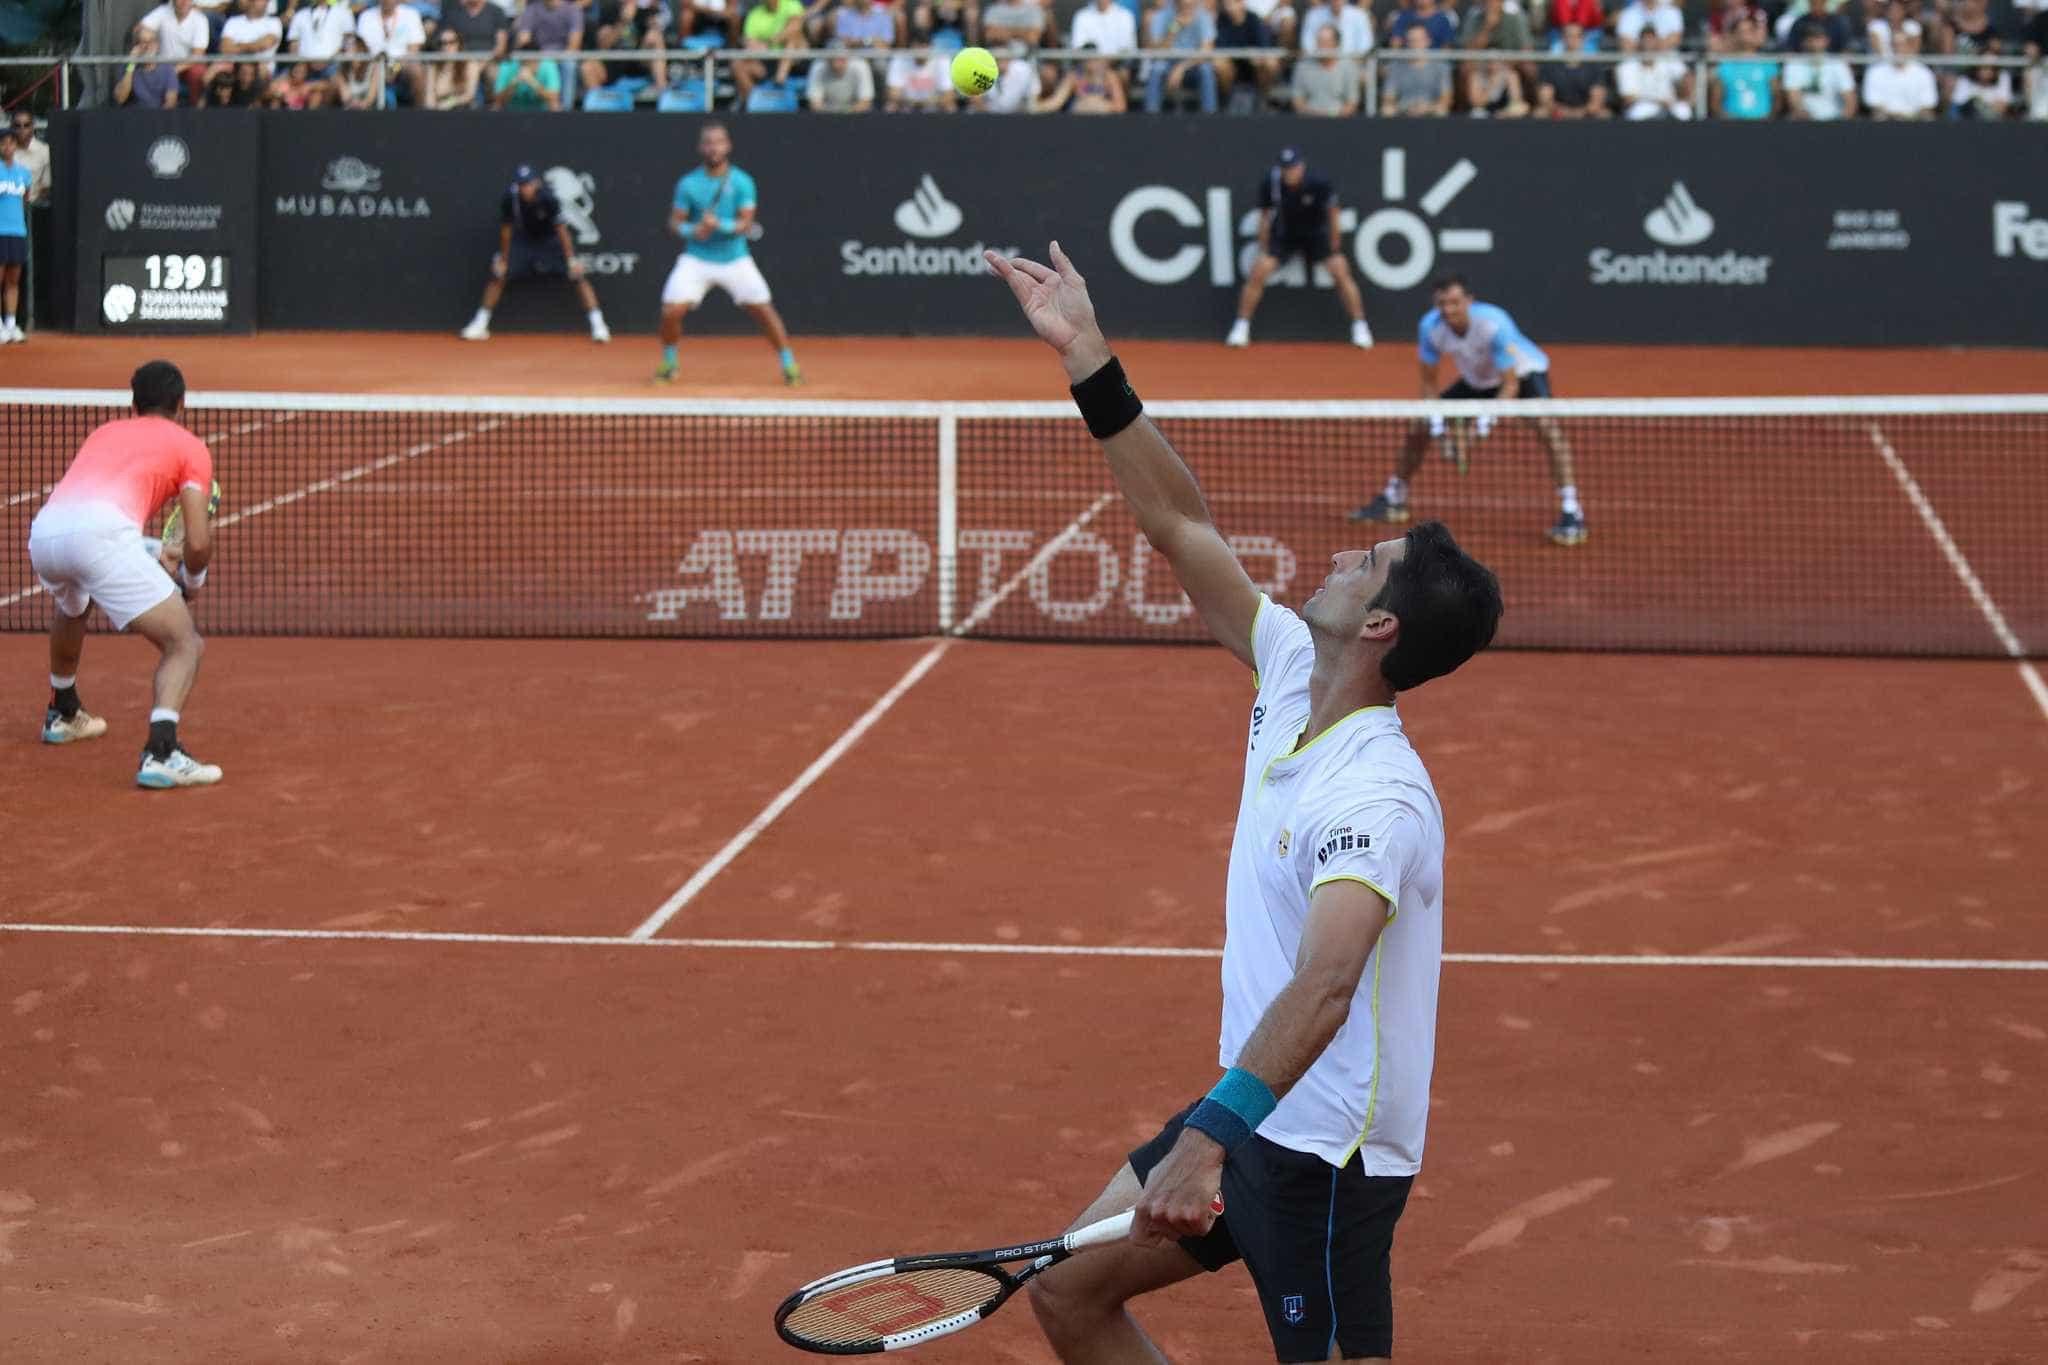 Rio Open: Bellucci e Rogerinho vencem e vão à final da chave de duplas